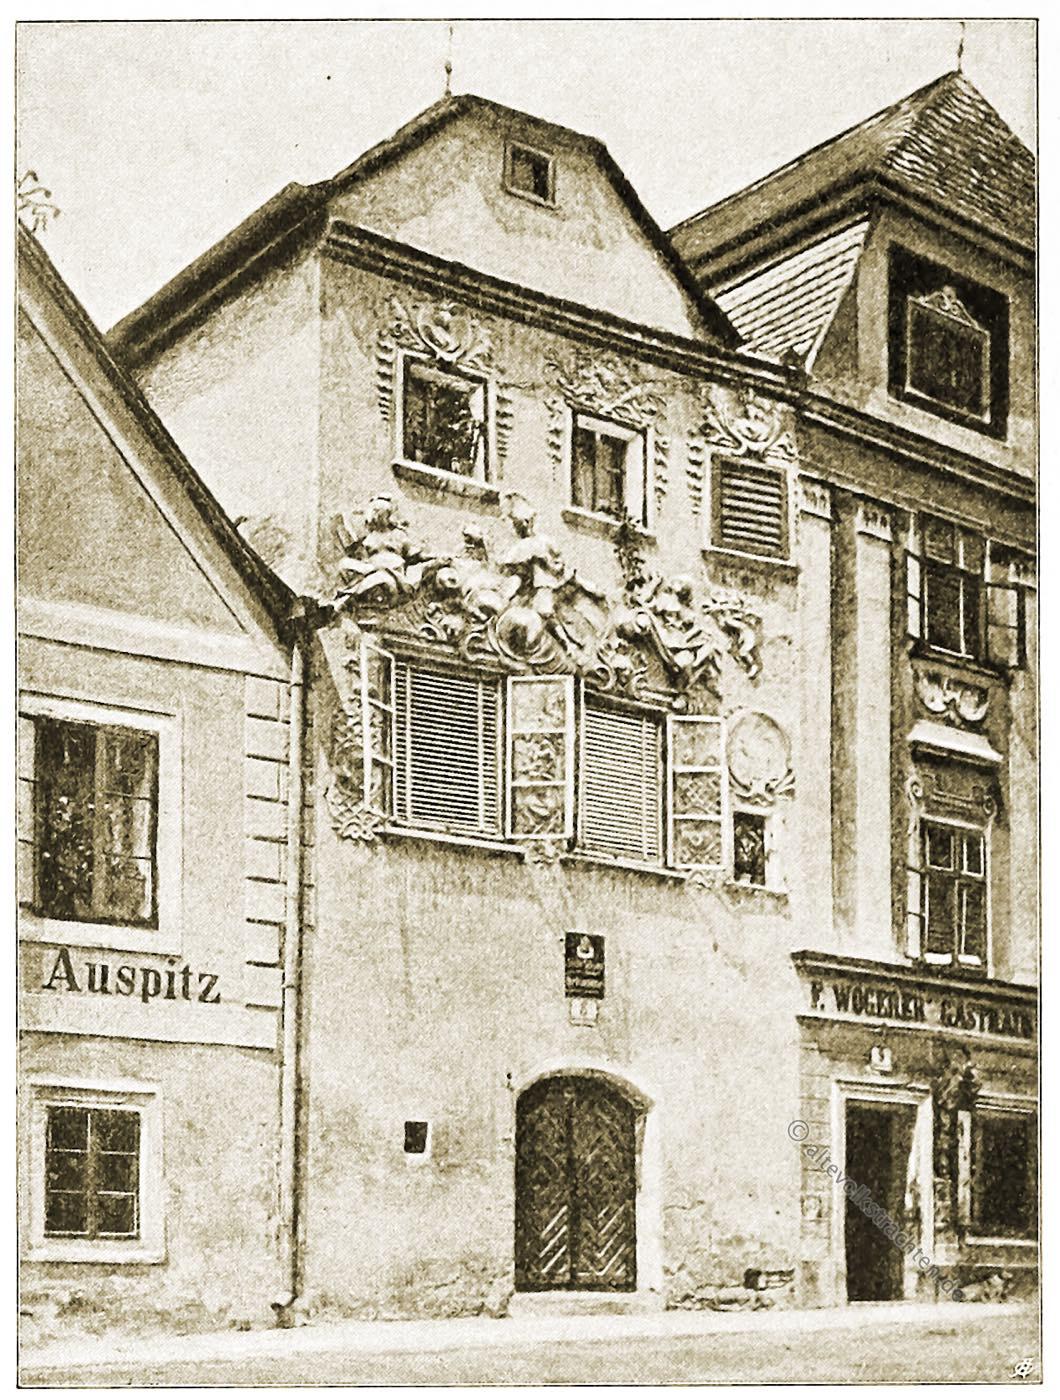 Mesnerhaus, Nepomuk, Krems, Fassade, Architektur, Österreich, Stadtansicht, Hartwig, Fischel, Wahrzeichen, Schopfwalmdach,